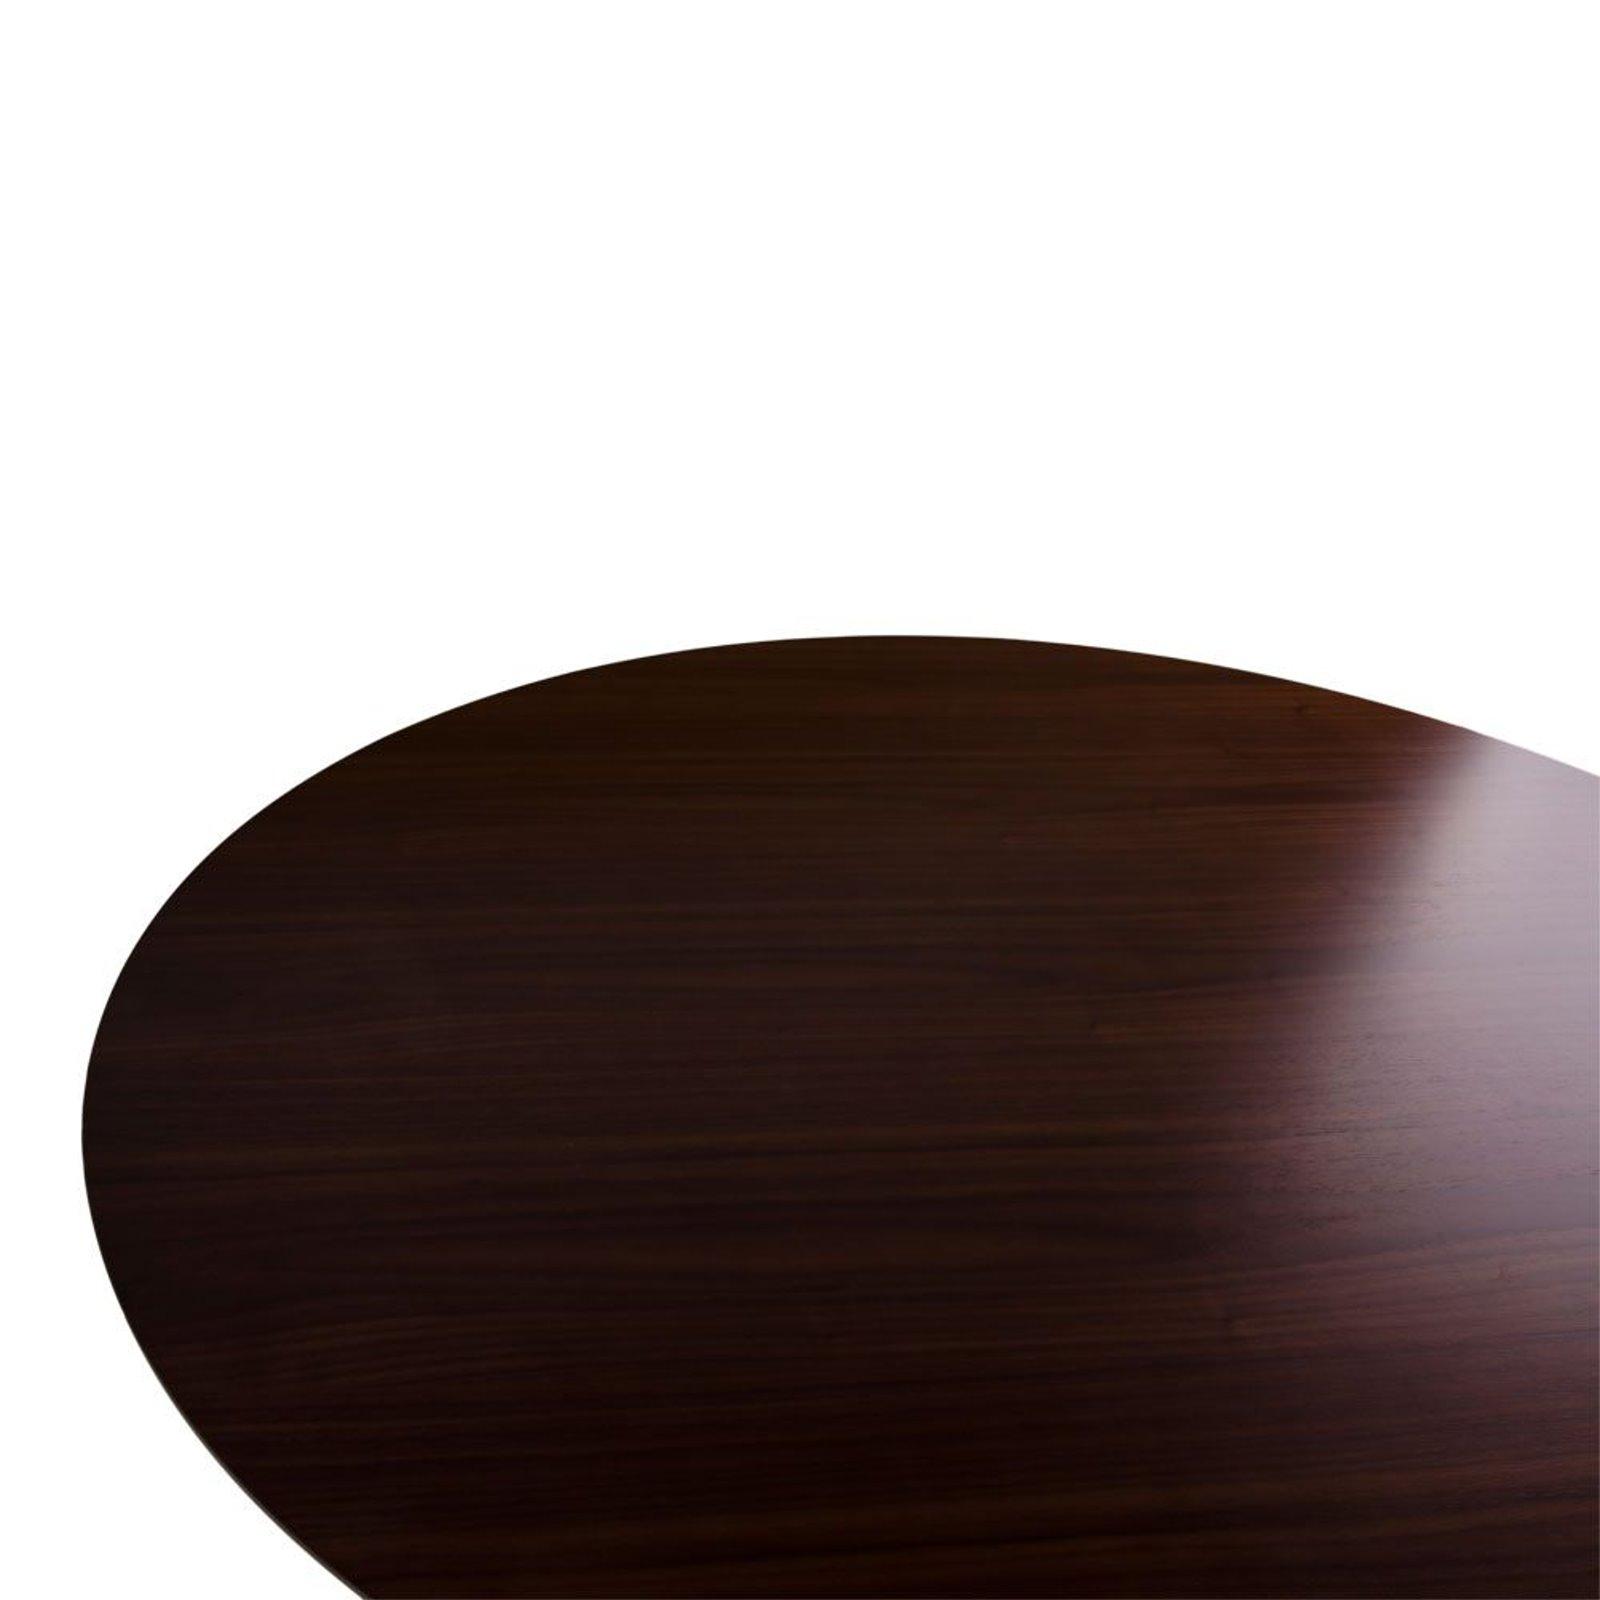 Esstisch Coavas Rund Küchentisch Modern Büro: Esstisch HELLO Esszimmertisch Walnuss Dekor Küchentisch